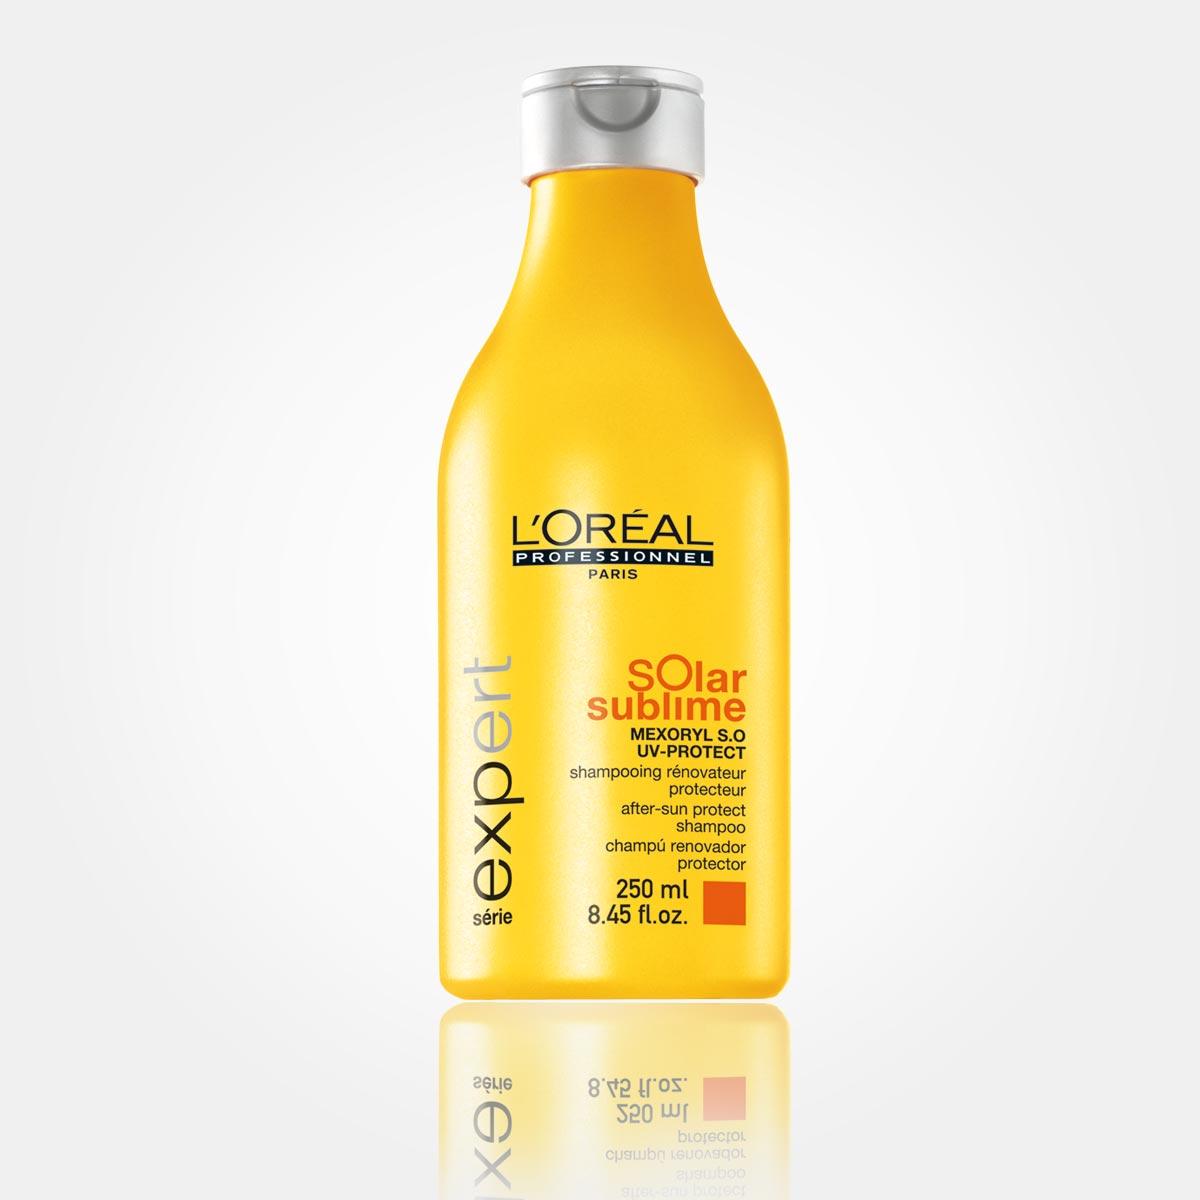 Ochranný sprej ze speciální řady letní vlasové kosmetiky Solar Sublime od L'Oréal Professionnel